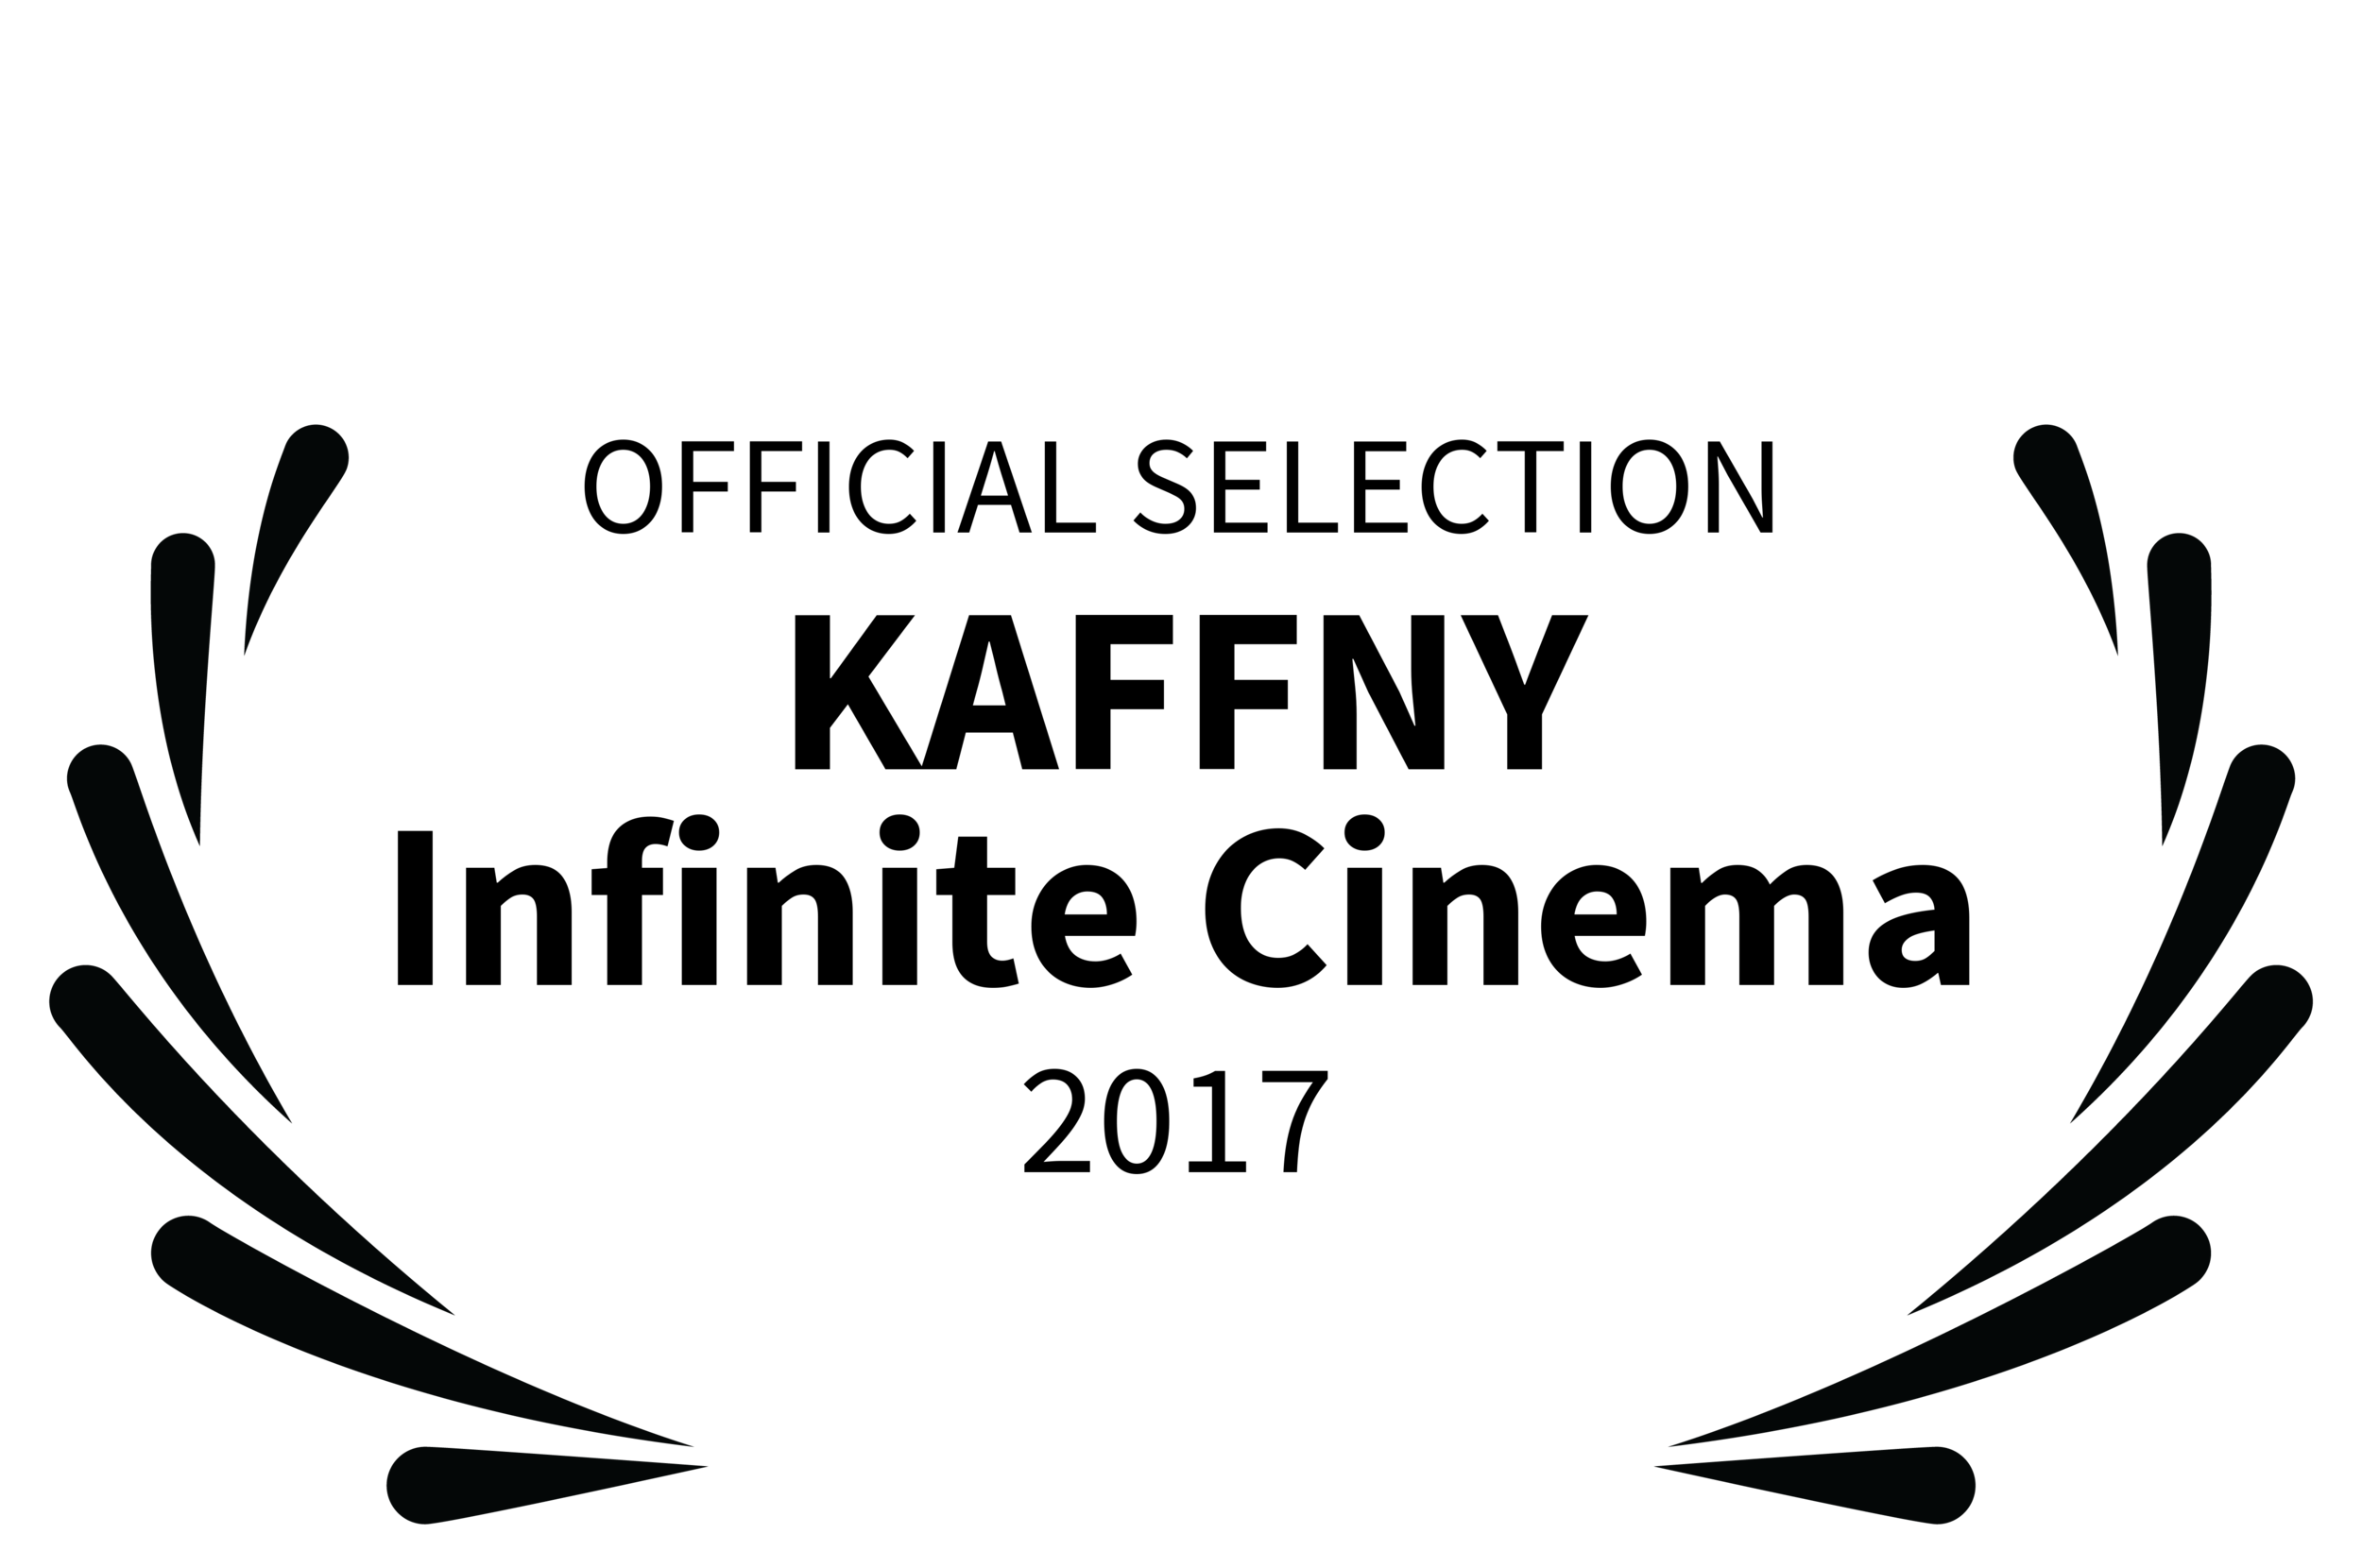 OFFICIALSELECTION-KAFFNYInfiniteCinema-2017b.png